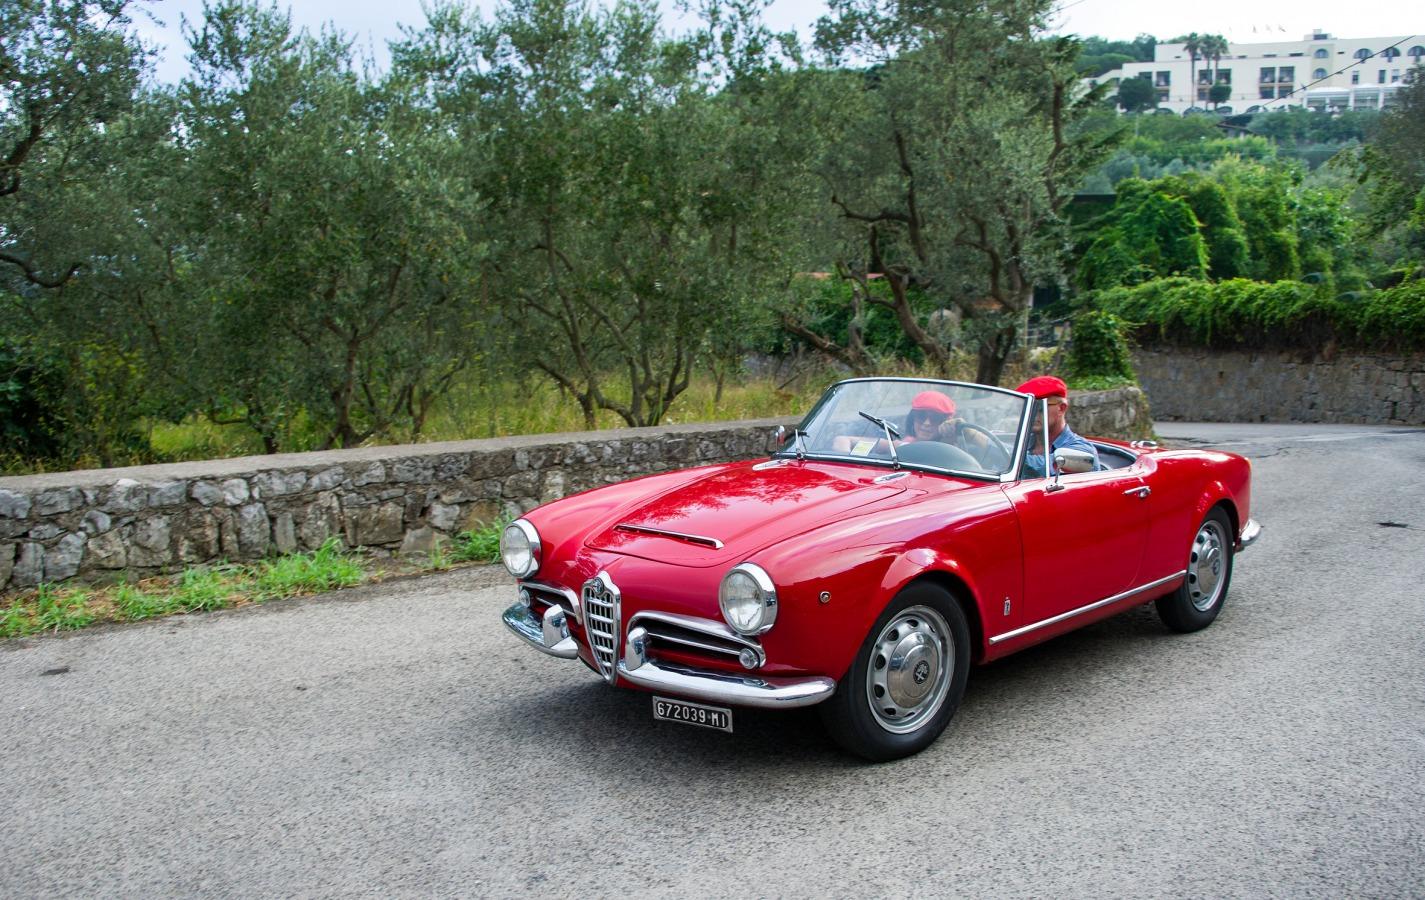 alfa romeo giulia 1.6 spider 1962 - car hire amalfi coast - car